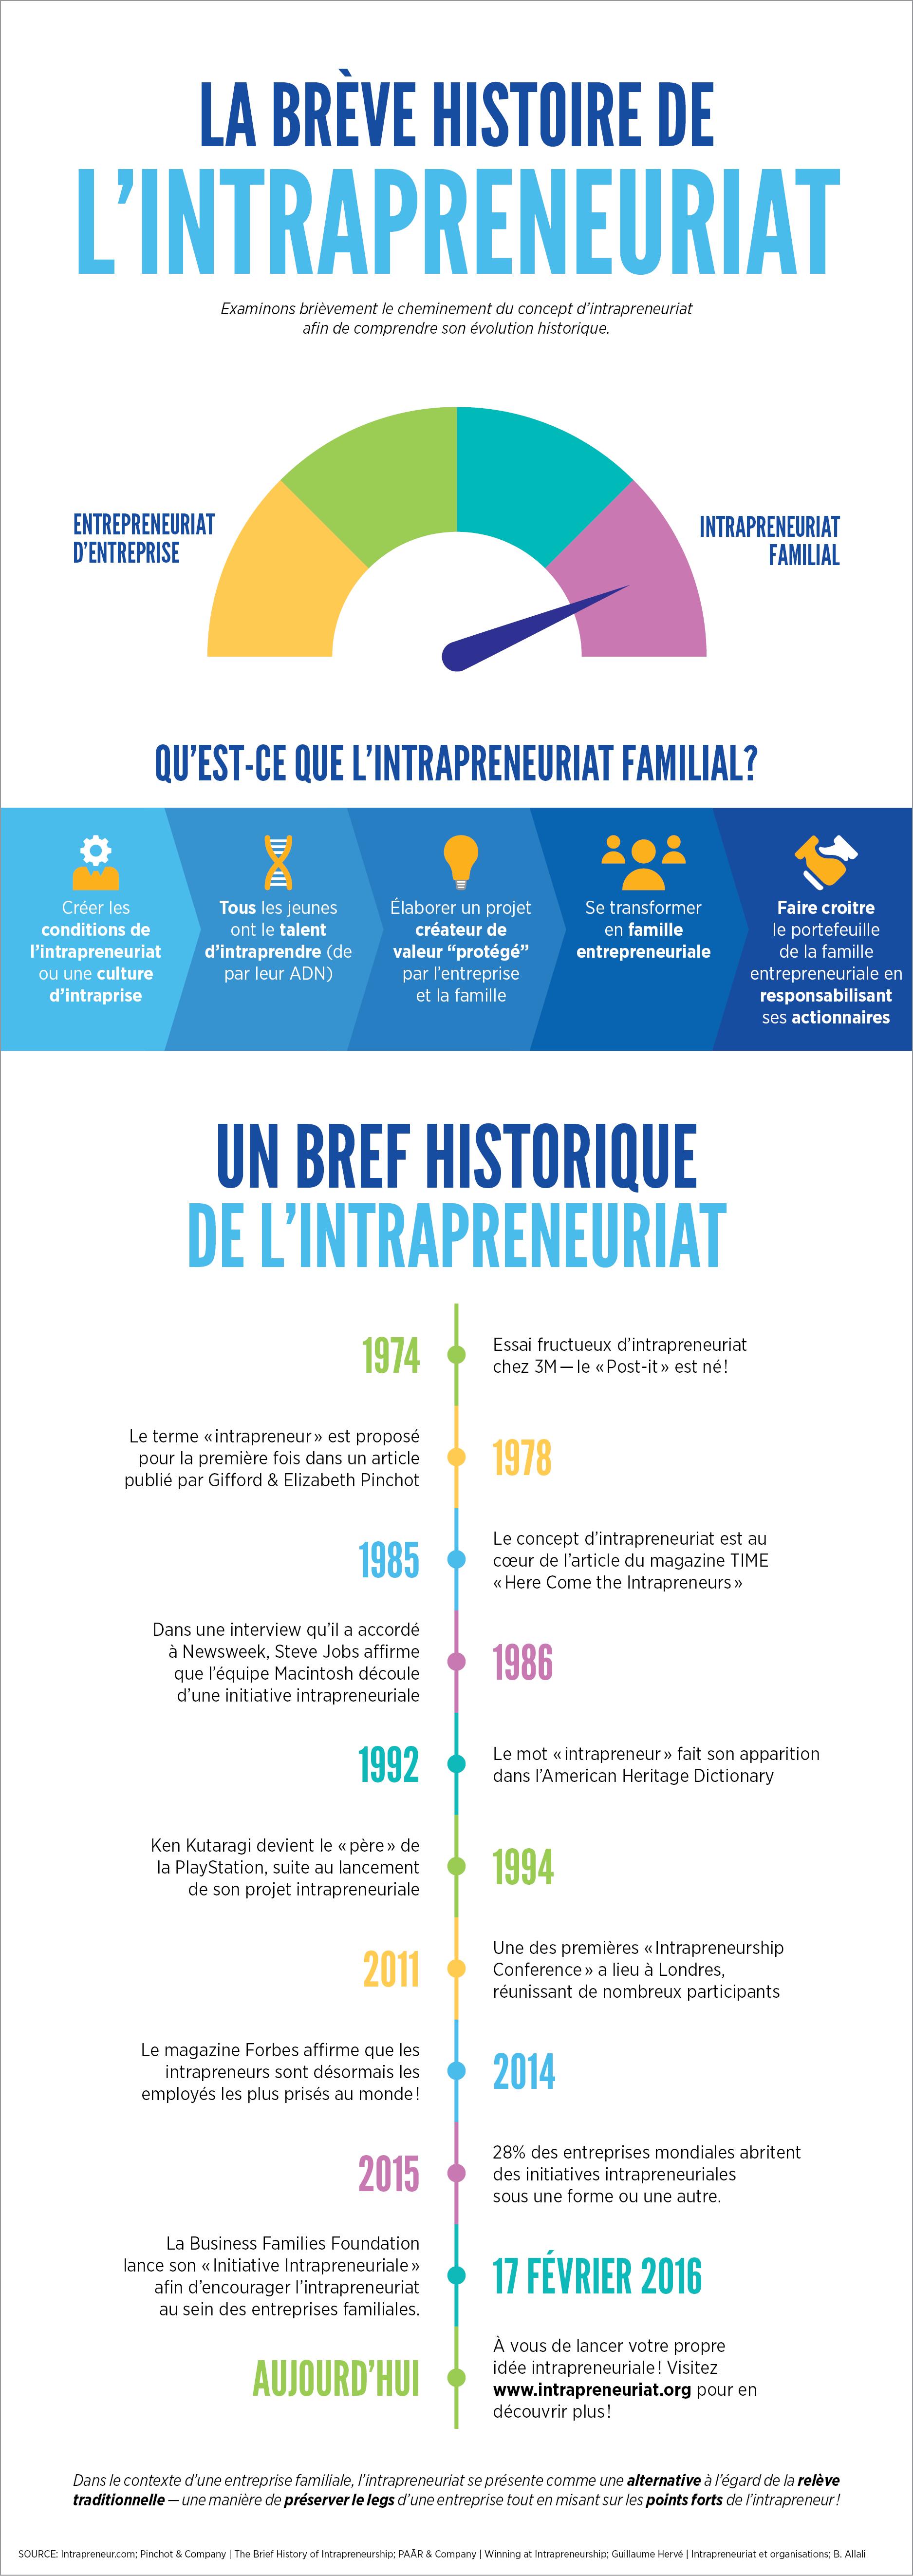 La breve histoire [Infographic]